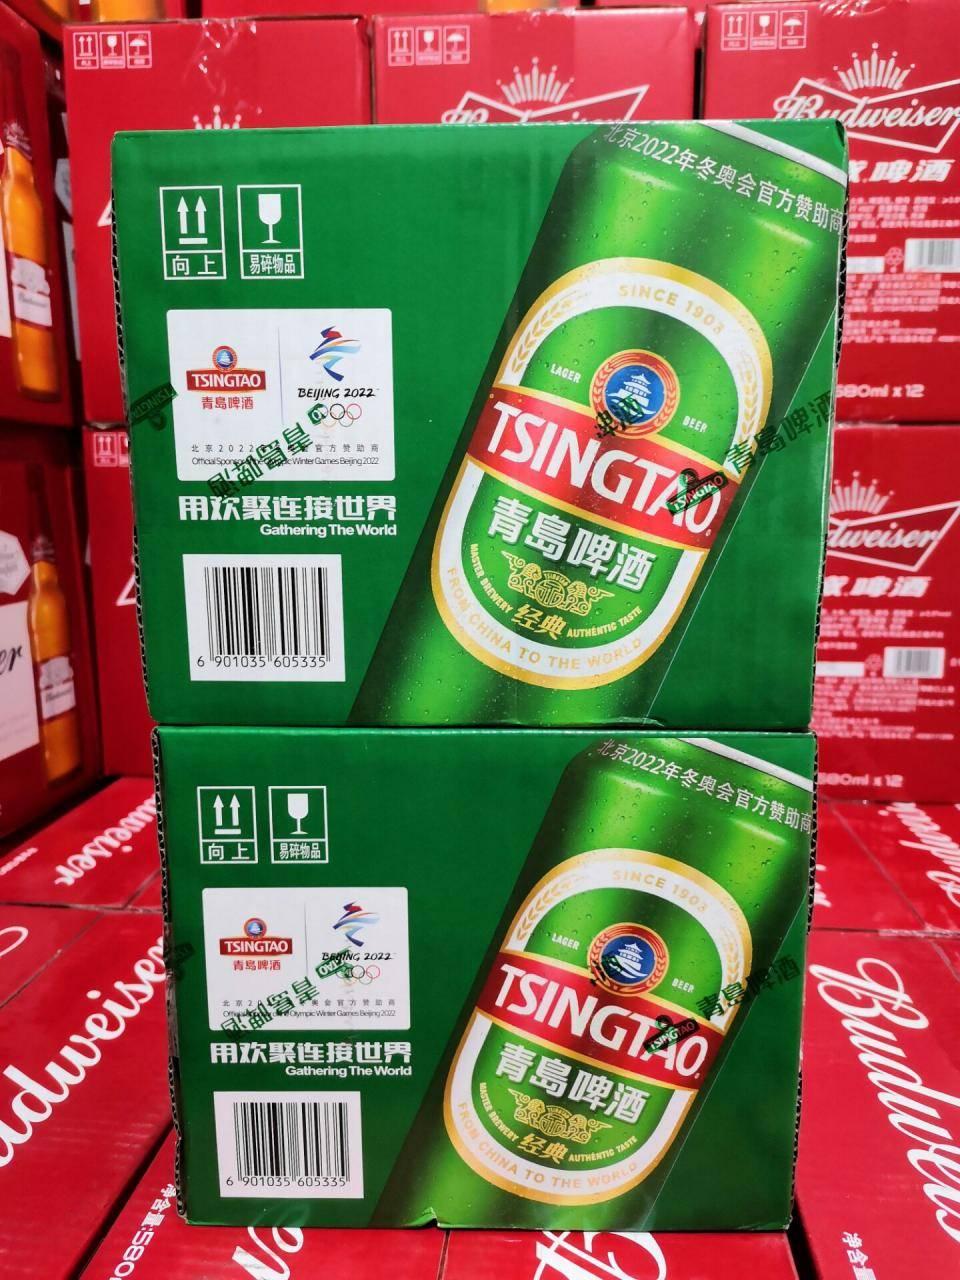 青岛啤酒价格-青岛啤酒瓶装价(每盒12瓶)-大麦丫-精酿啤酒连锁超市,工厂店平价酒吧免费加盟